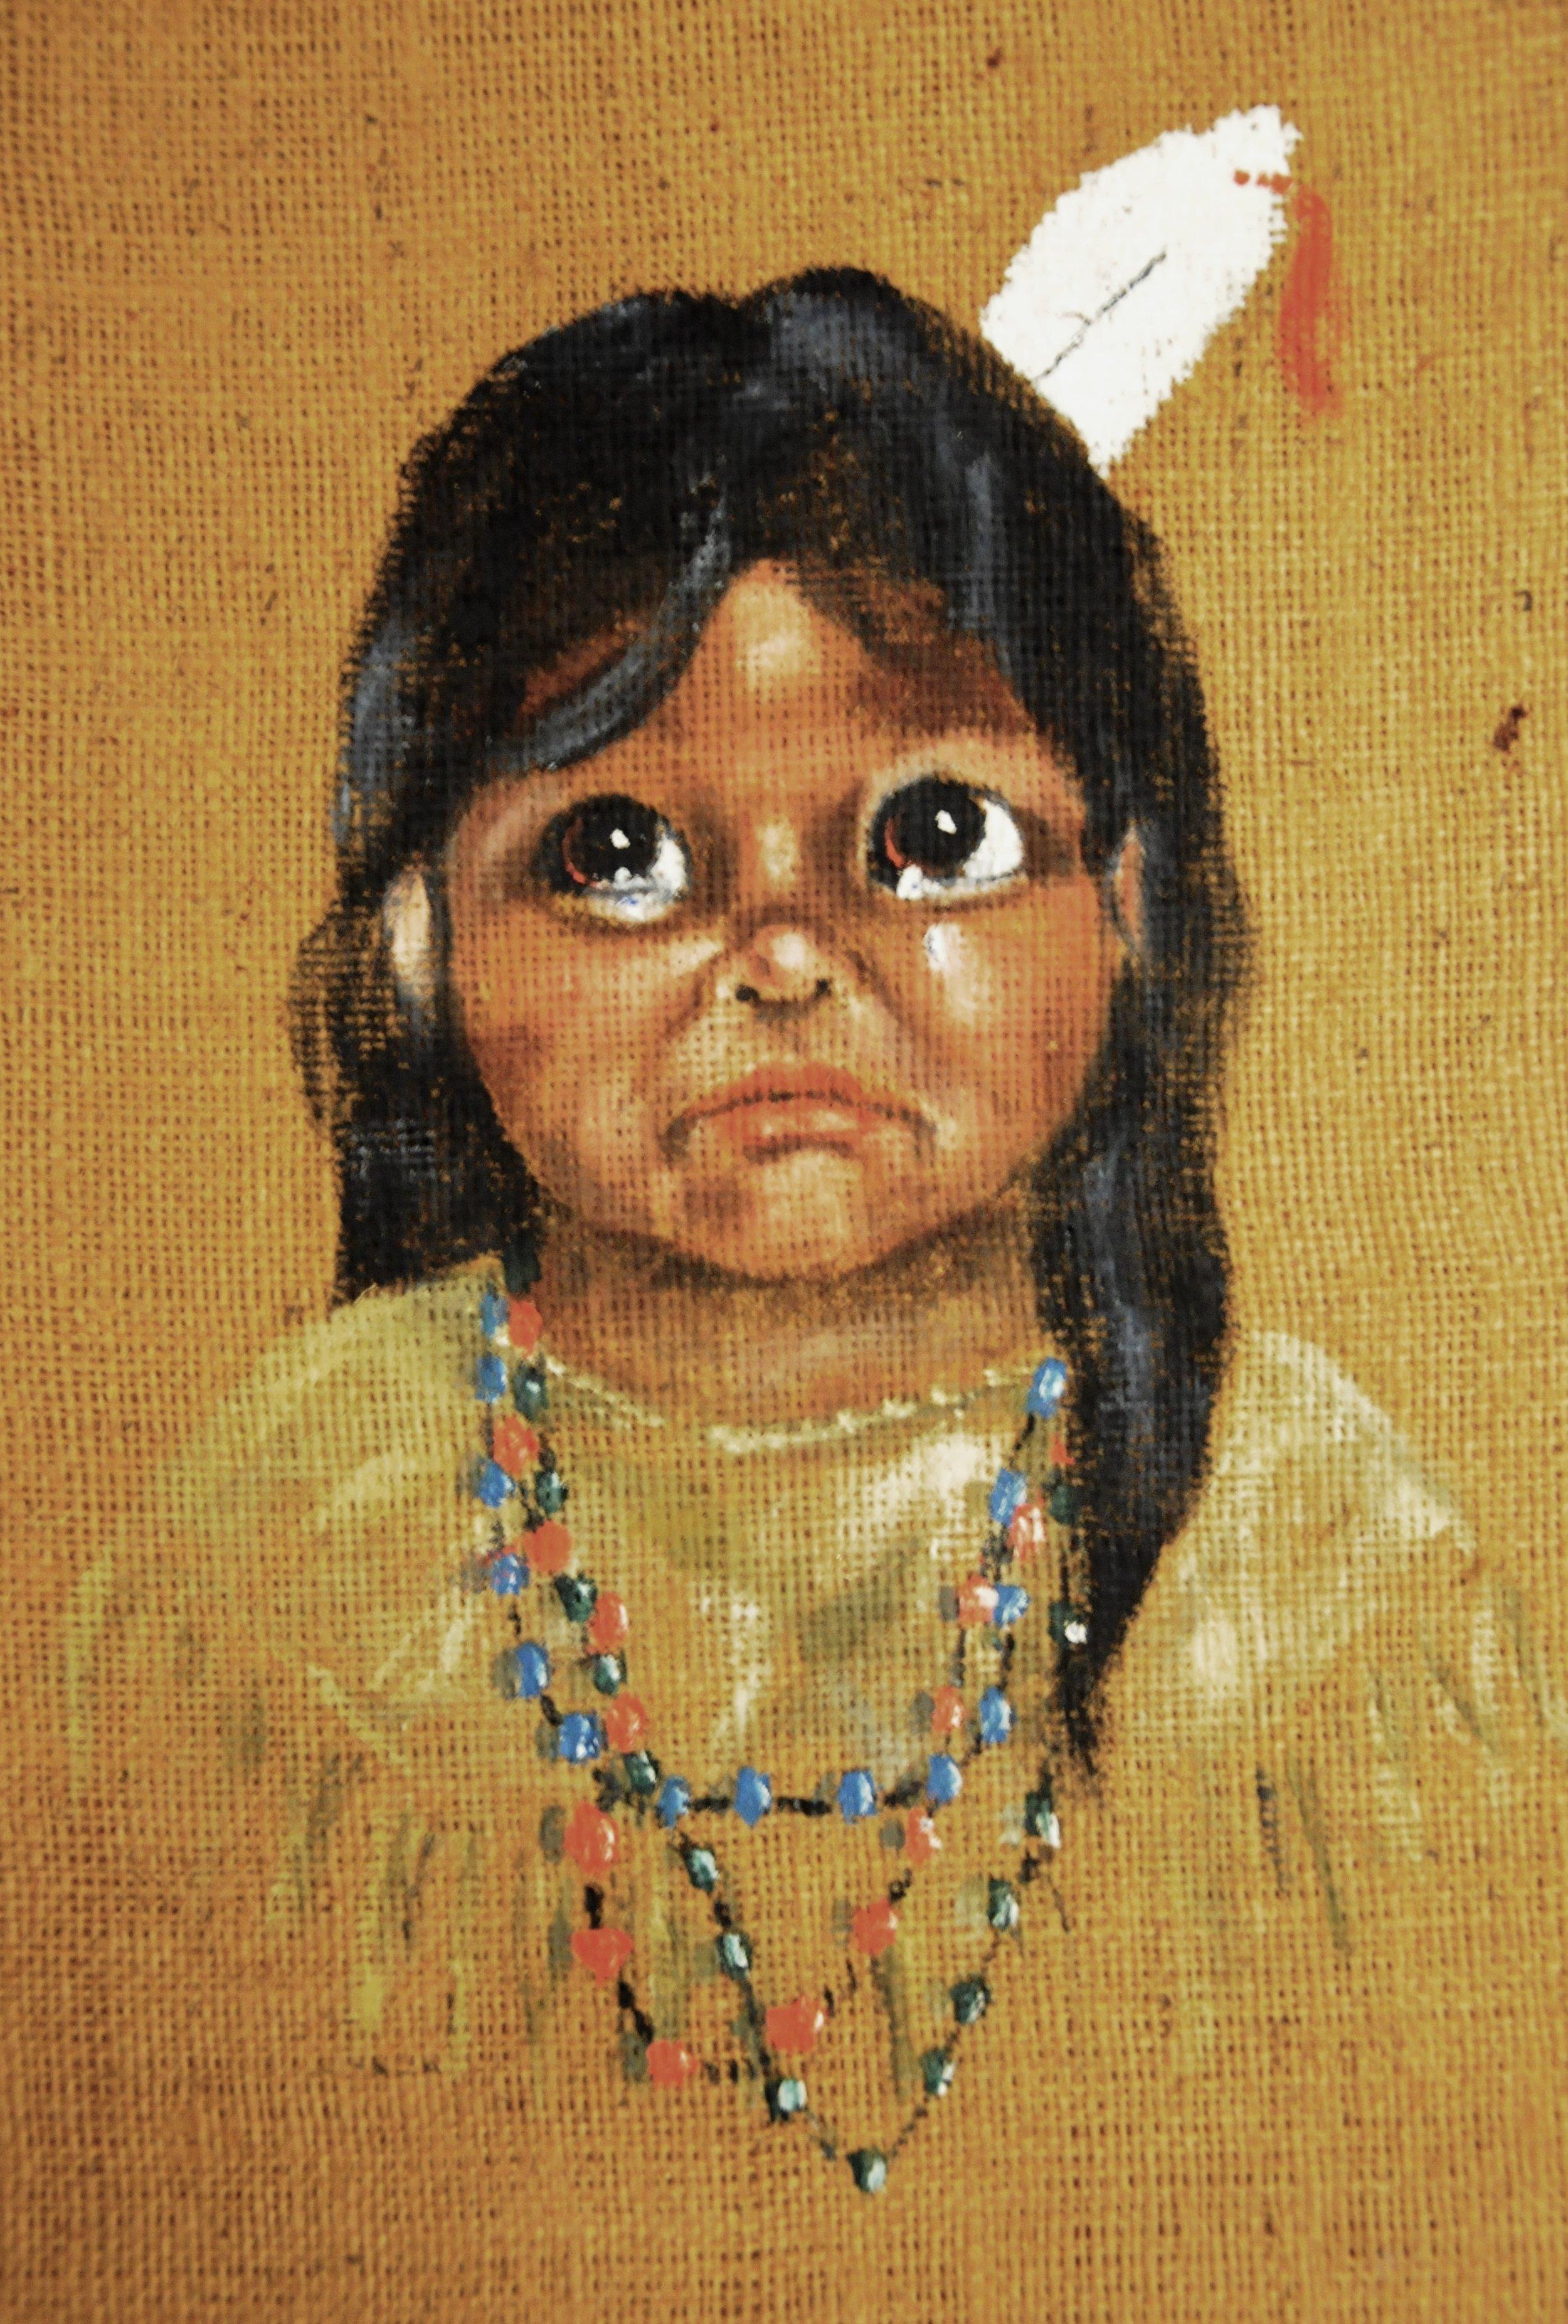 Untitled (Sad Child), c. 1960s, Fran Jenkins, acrylic on burlap